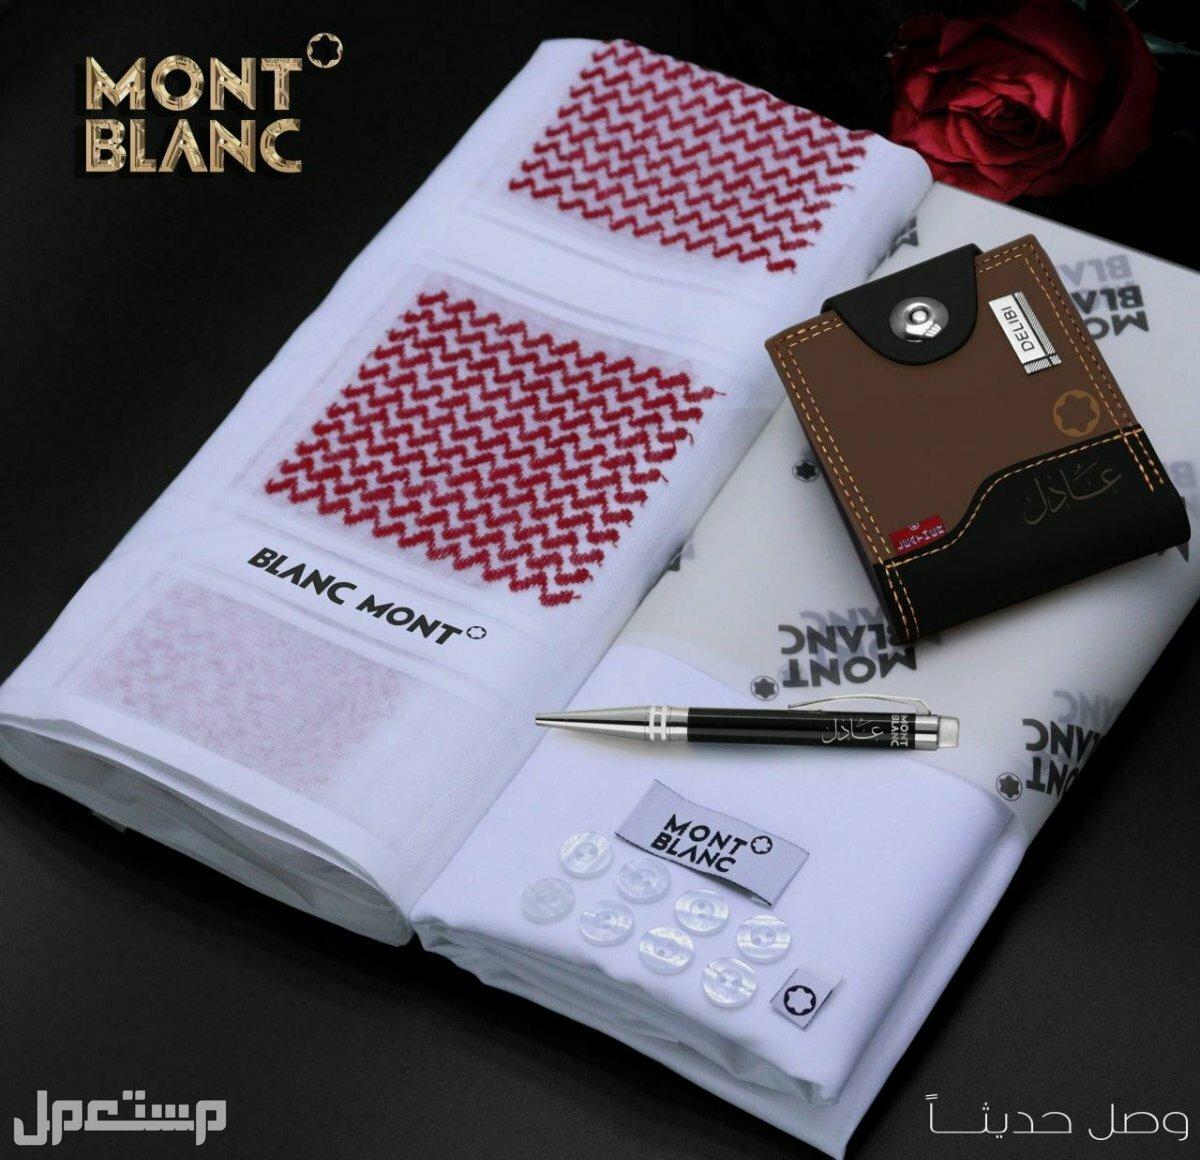 قماش مونت بلاك مع شماغ عالي الجودة